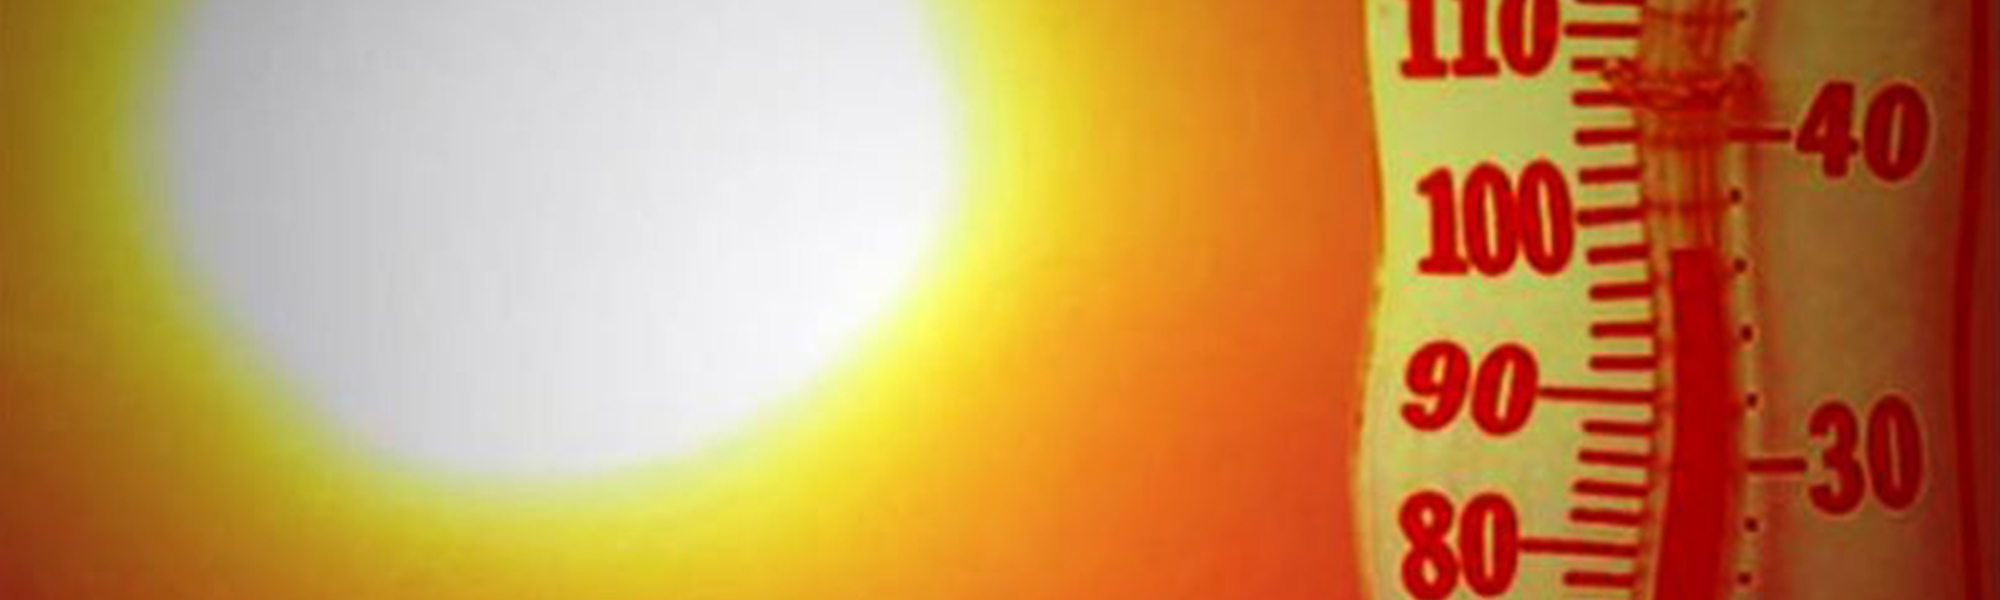 Deumidificatori contro il caldo afoso